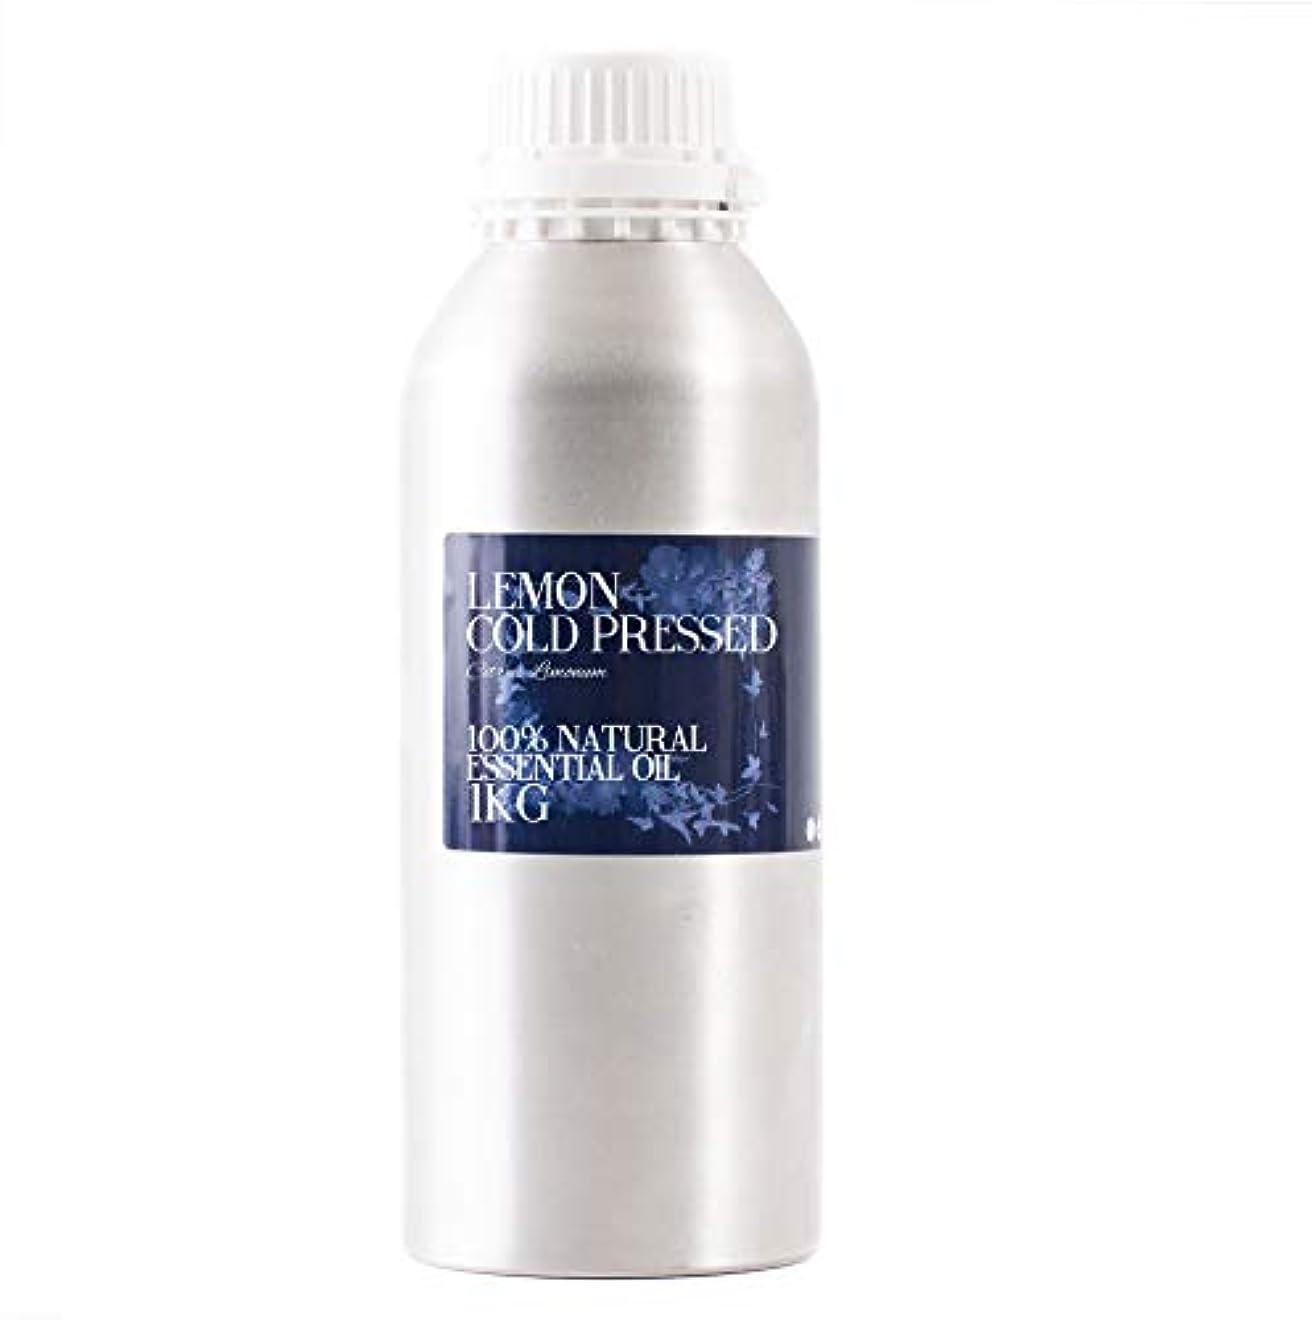 クラス小石シンクMystic Moments | Lemon Cold Pressed Essential Oil - 1Kg - 100% Natural